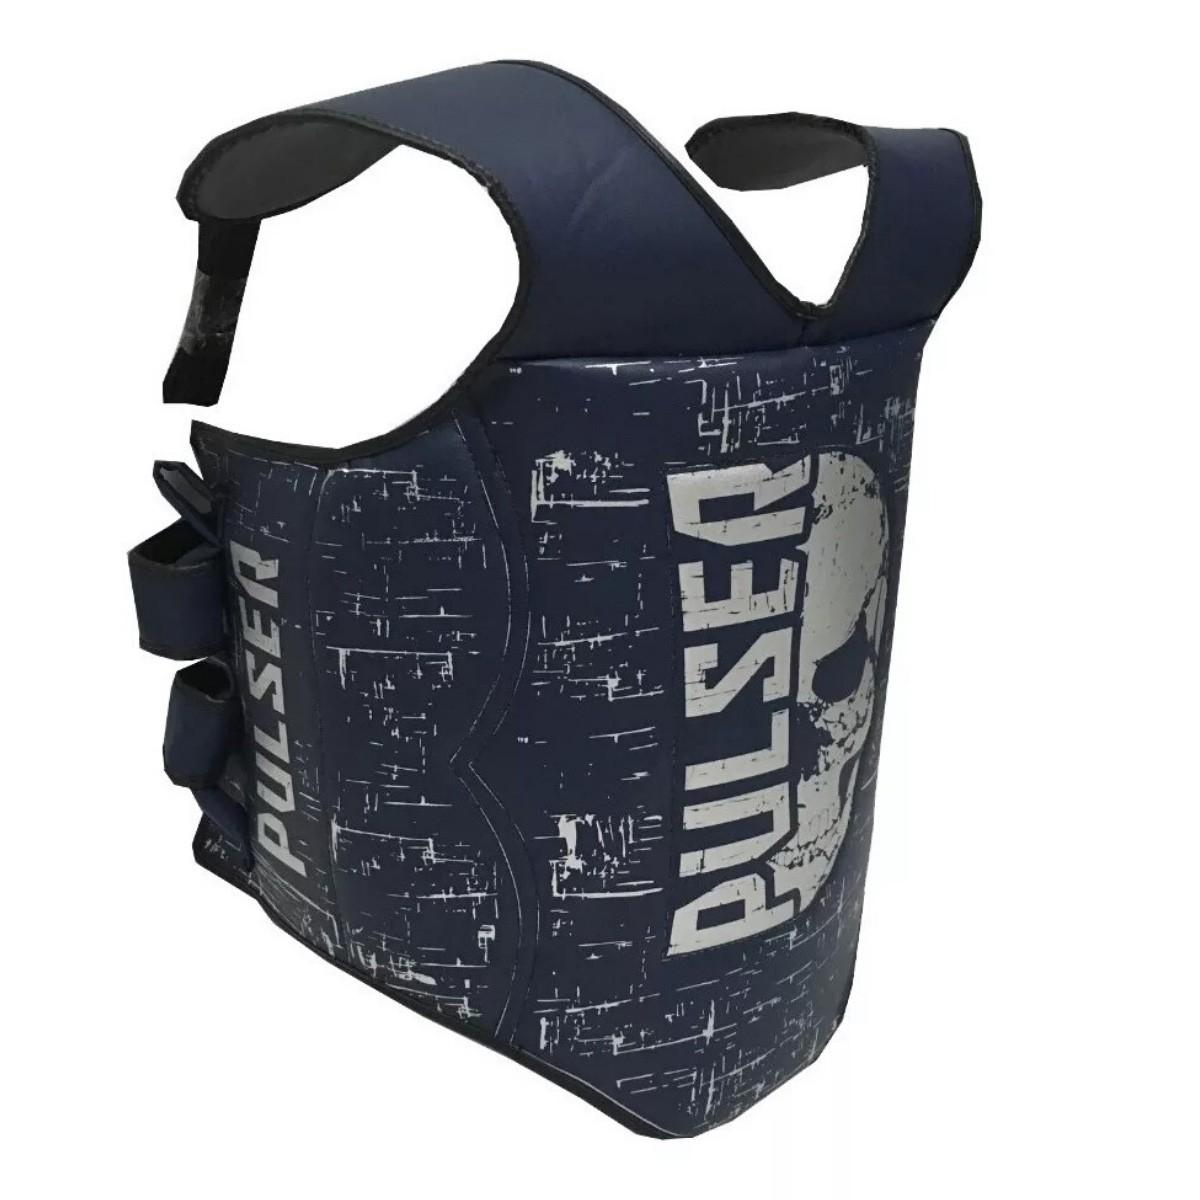 Colete Protetor Tórax Super Proteção - Pulser  - PRALUTA SHOP